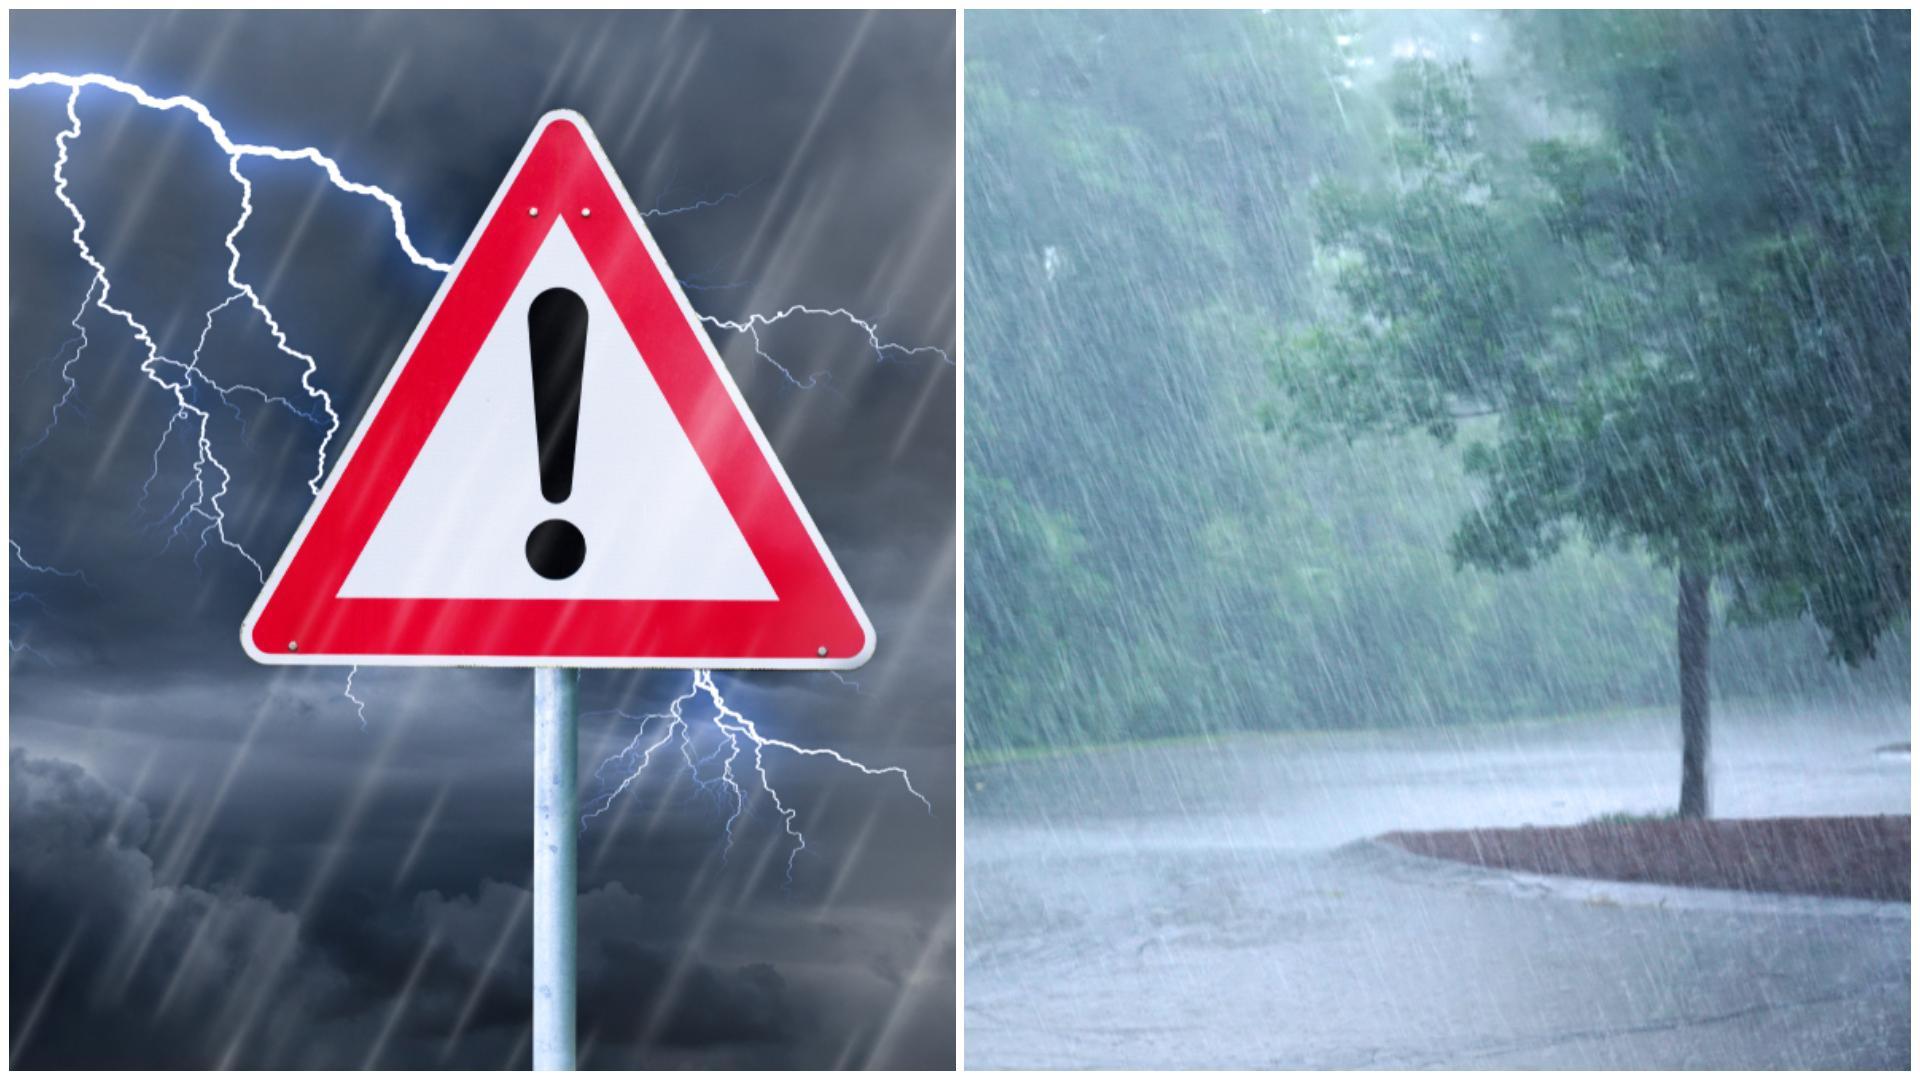 Alertă meteo! Vremea rea va afecta noi regiuni. Ce zone sunt vizate de cel mai recent cod galben de ploi emis de meteorologi